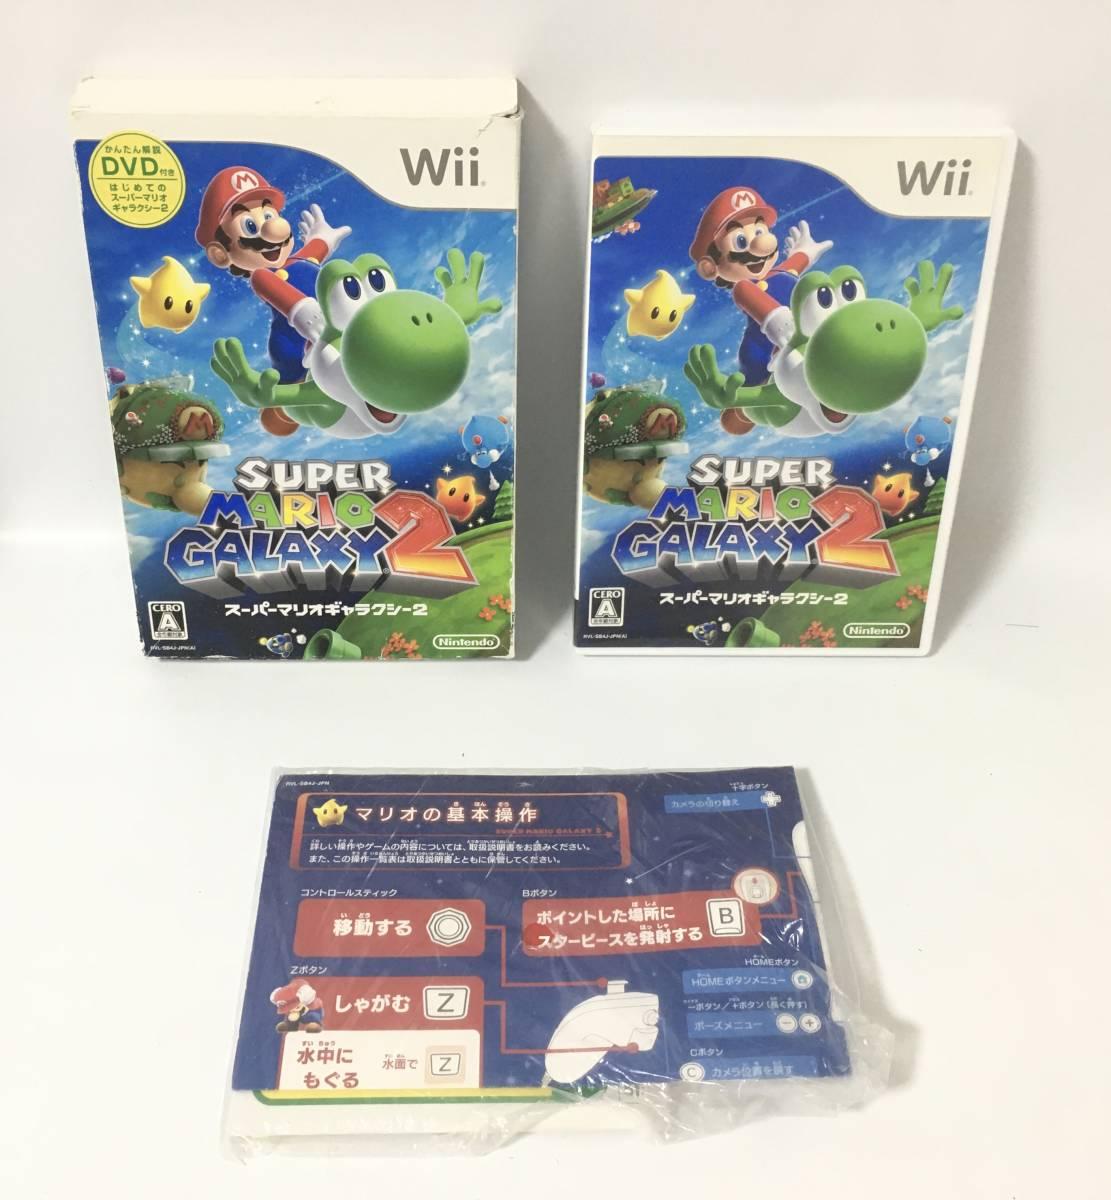 ◆まとめ出品◆ Nintendo ニンテンドー 任天堂 Wii ゲームソフト3点セット NewスーパーマリオブラザーズWii スーパーマリオギャラクシー1,2